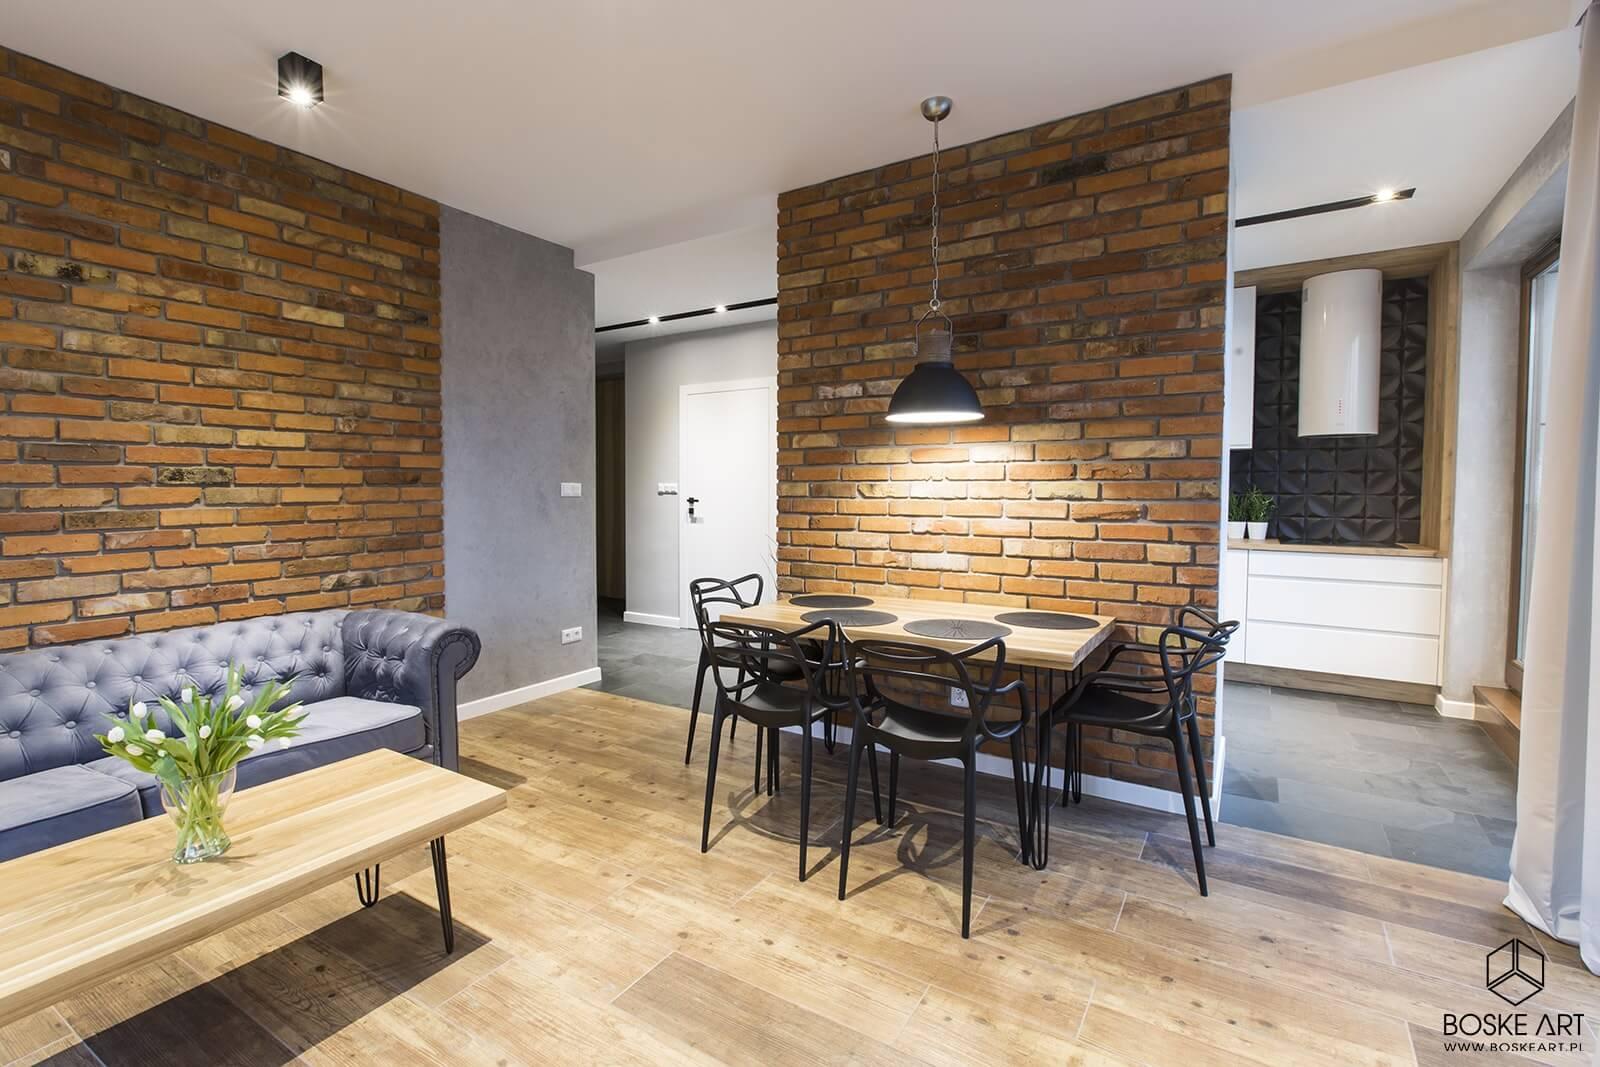 6_apartamenty_na_wynajem_poznan_boske_art_projektowanie_aranzacja_architektura_wnetrz_natalia_robaszkeiwicz-min